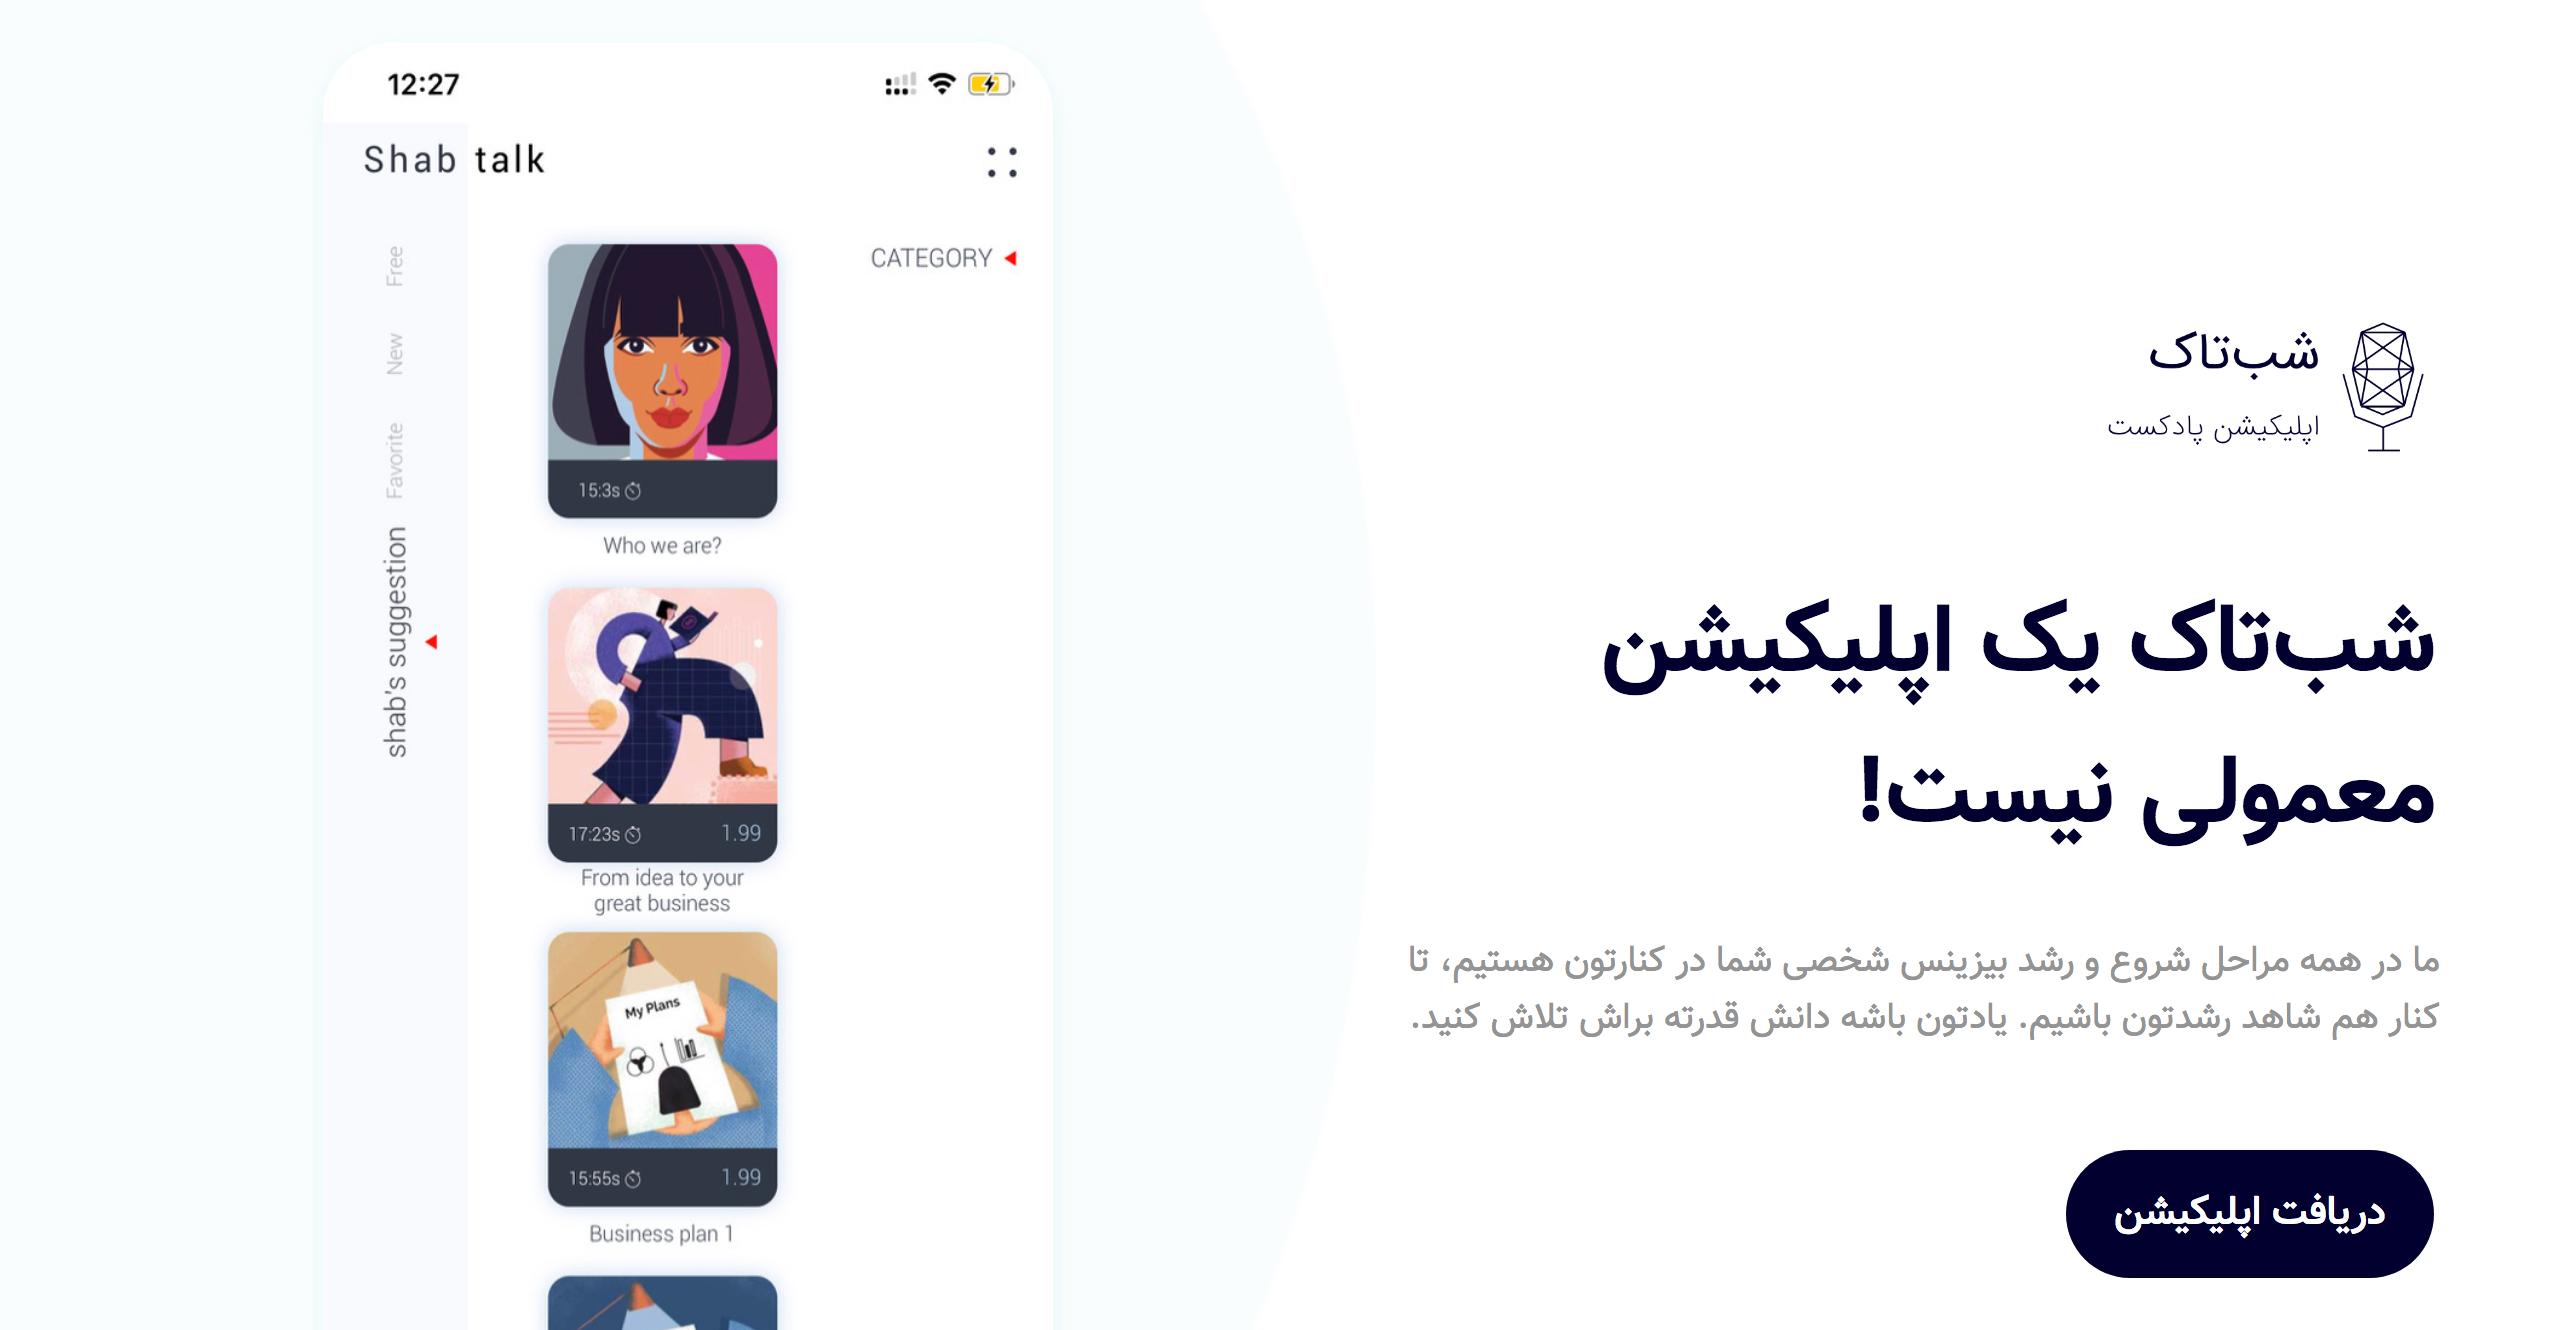 سامانه آموزش آنلاین شب تاک